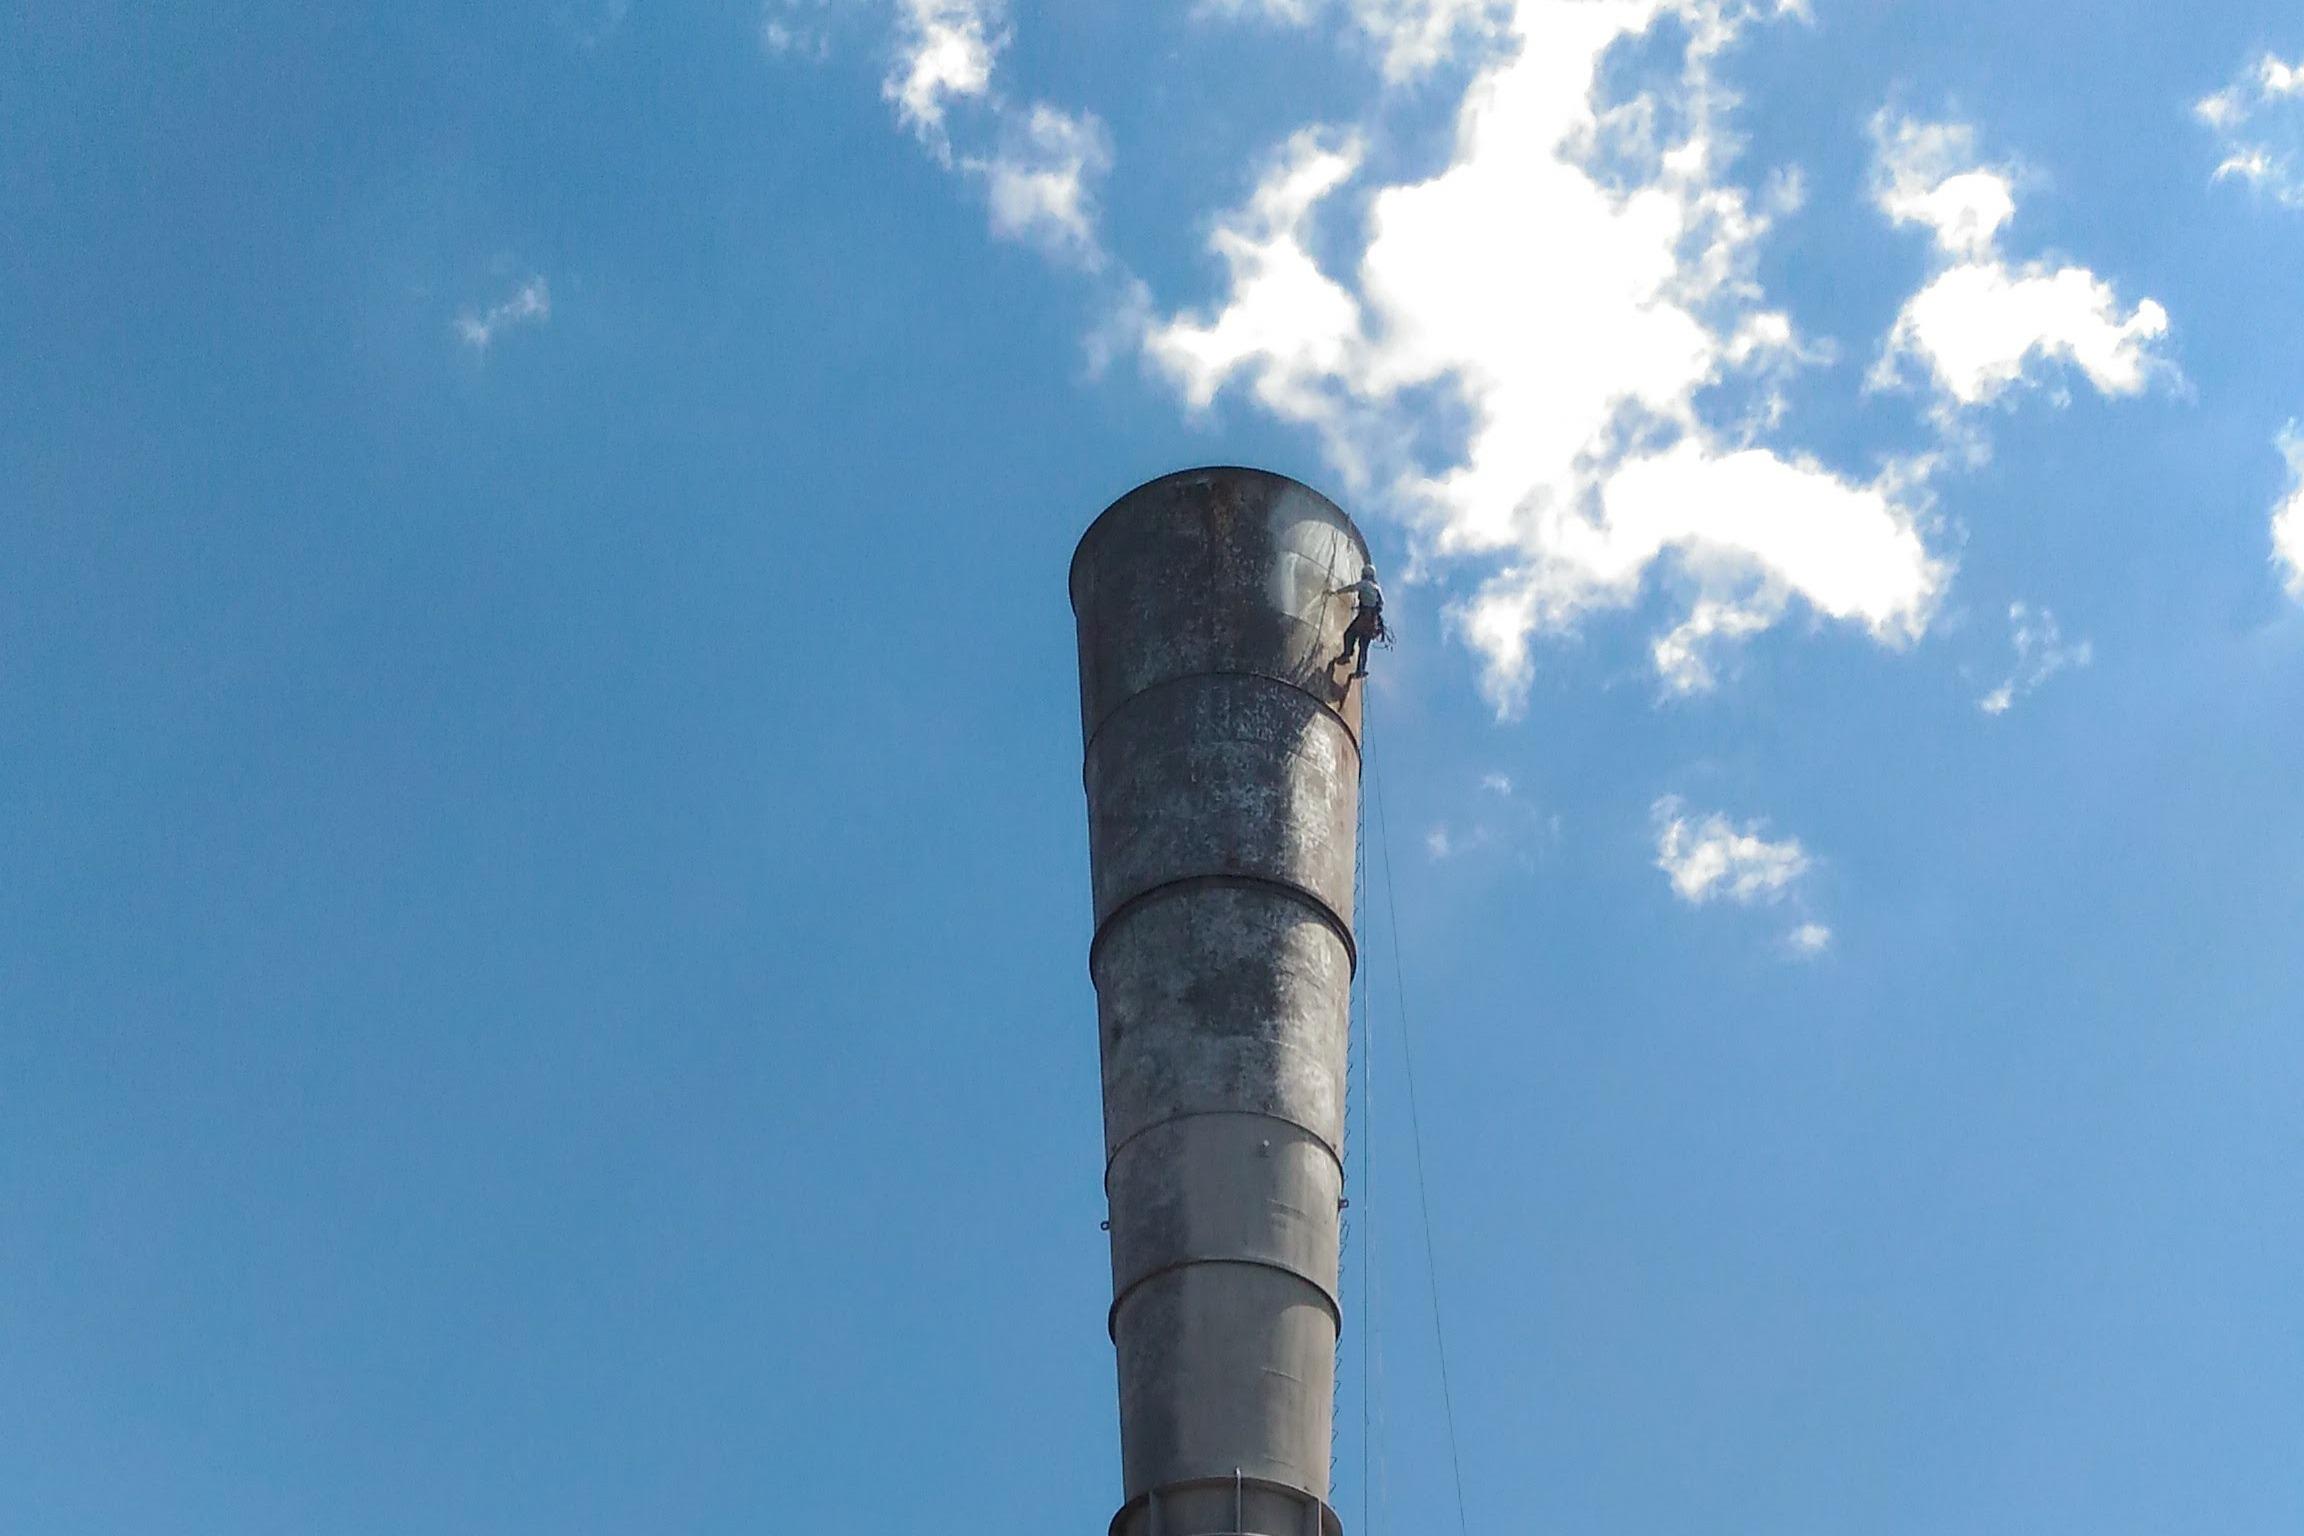 Антикоррозийная защита горячей дымовой трубы (150-200 град.С) Лебединского ГОКа материалами PPG HI-TEMP 1027